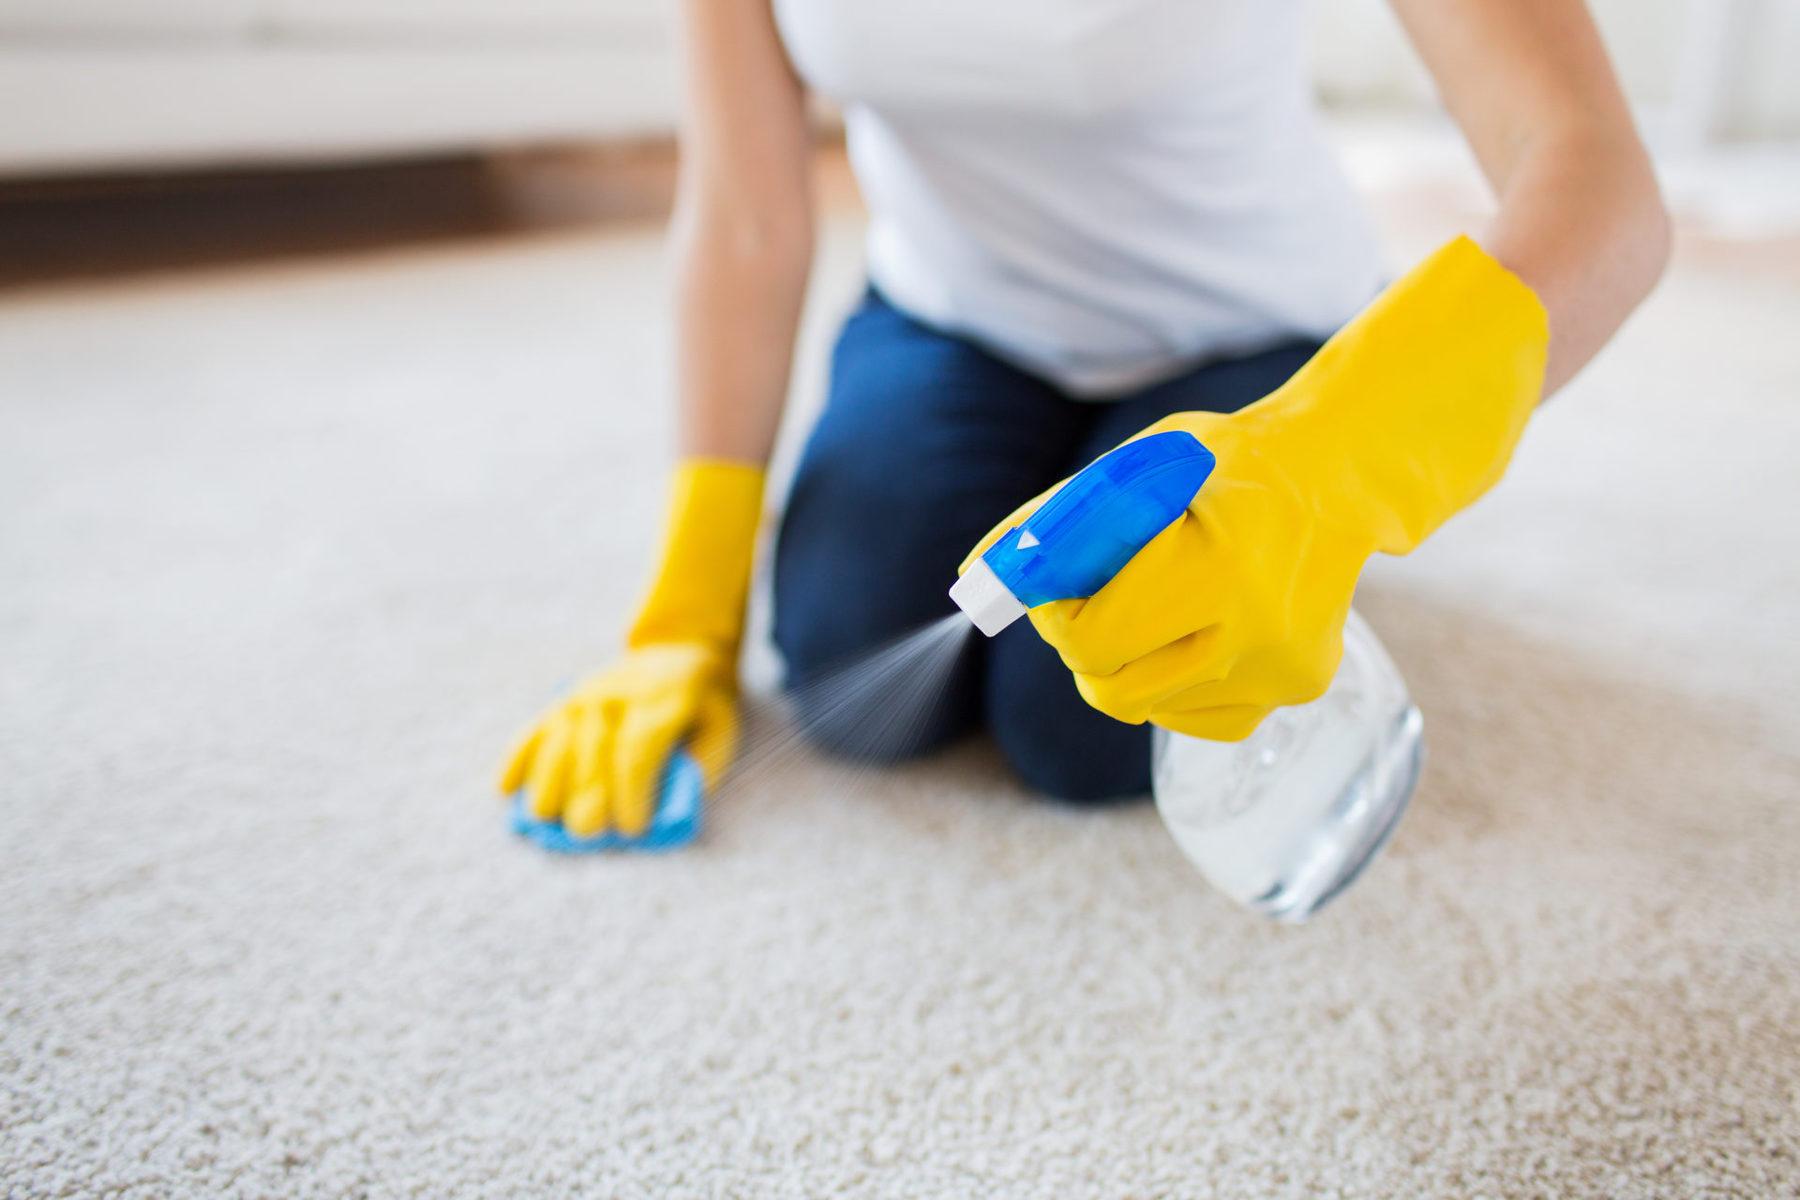 Derinlemesine Halı Temizliği; Halı Temizleme Nasıl Olmalı?